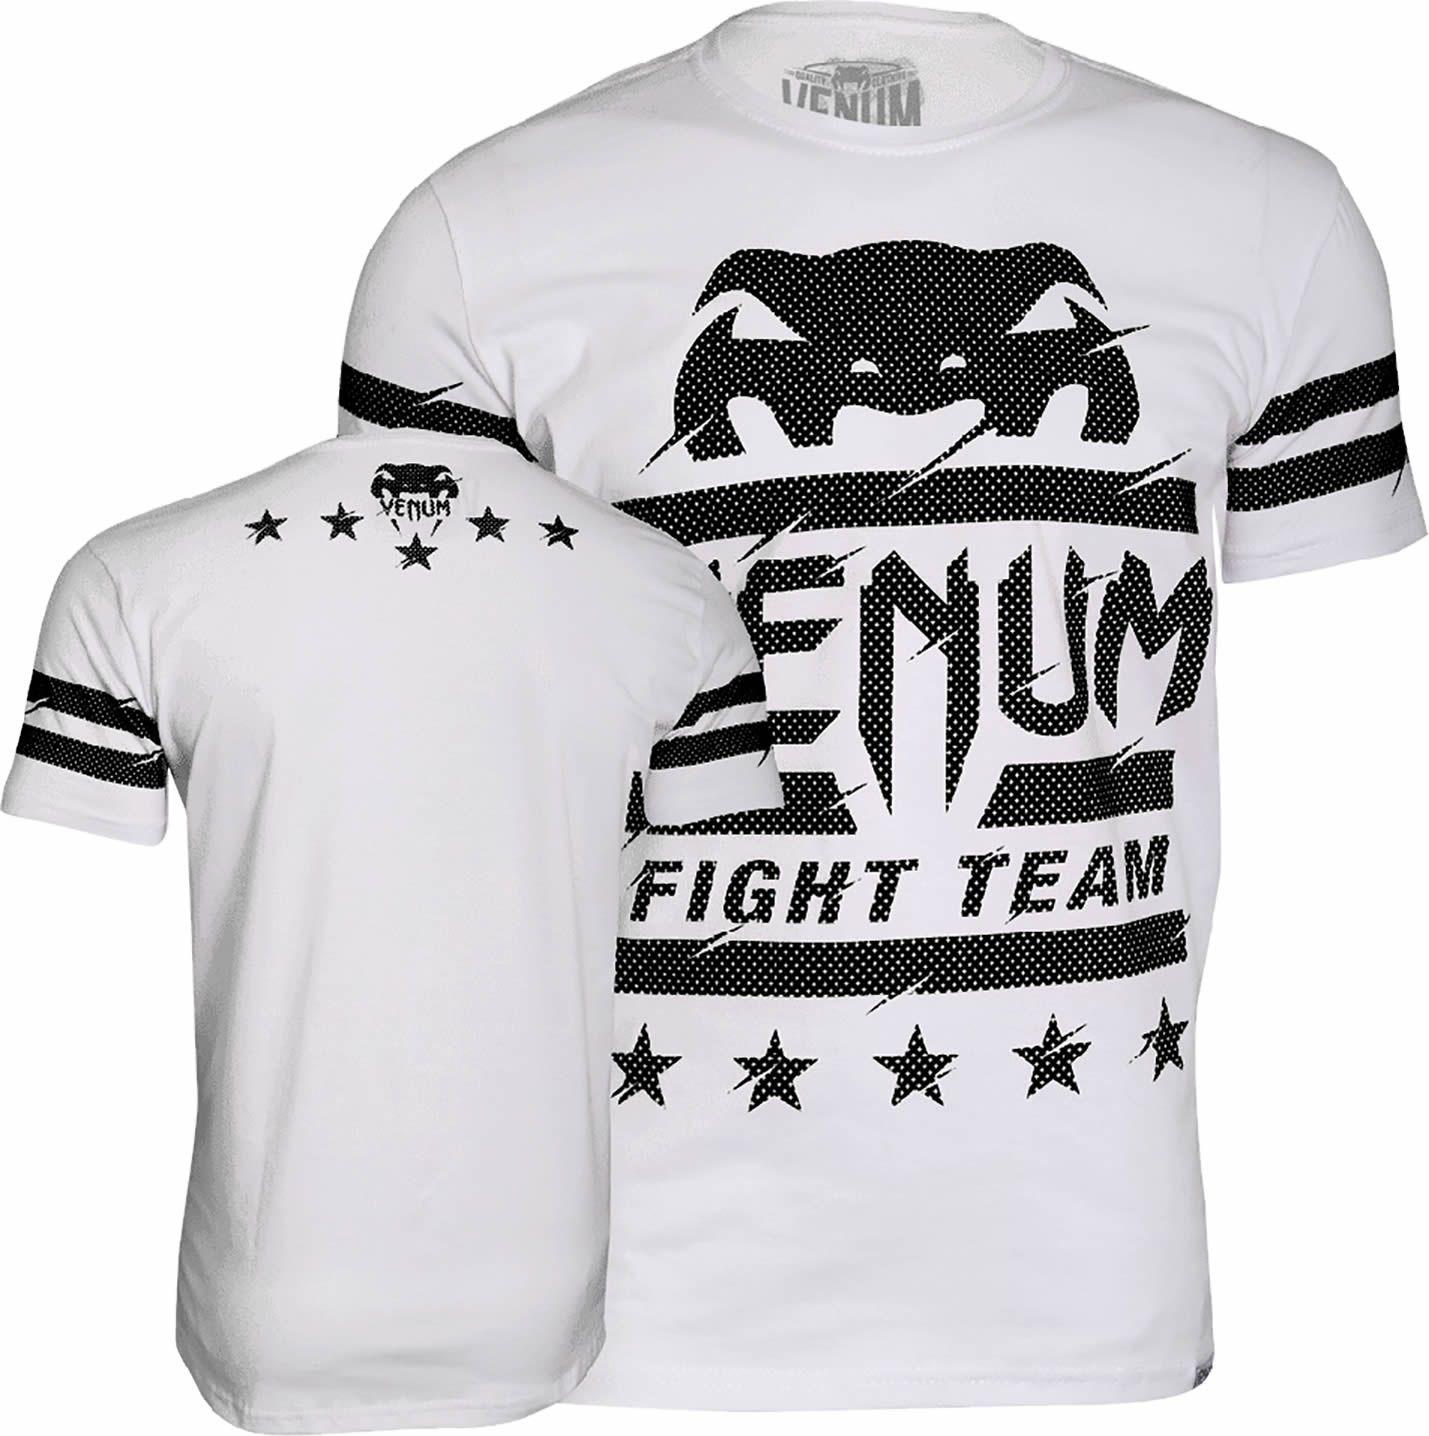 Camisa Camiseta VIP - Branca - Venum